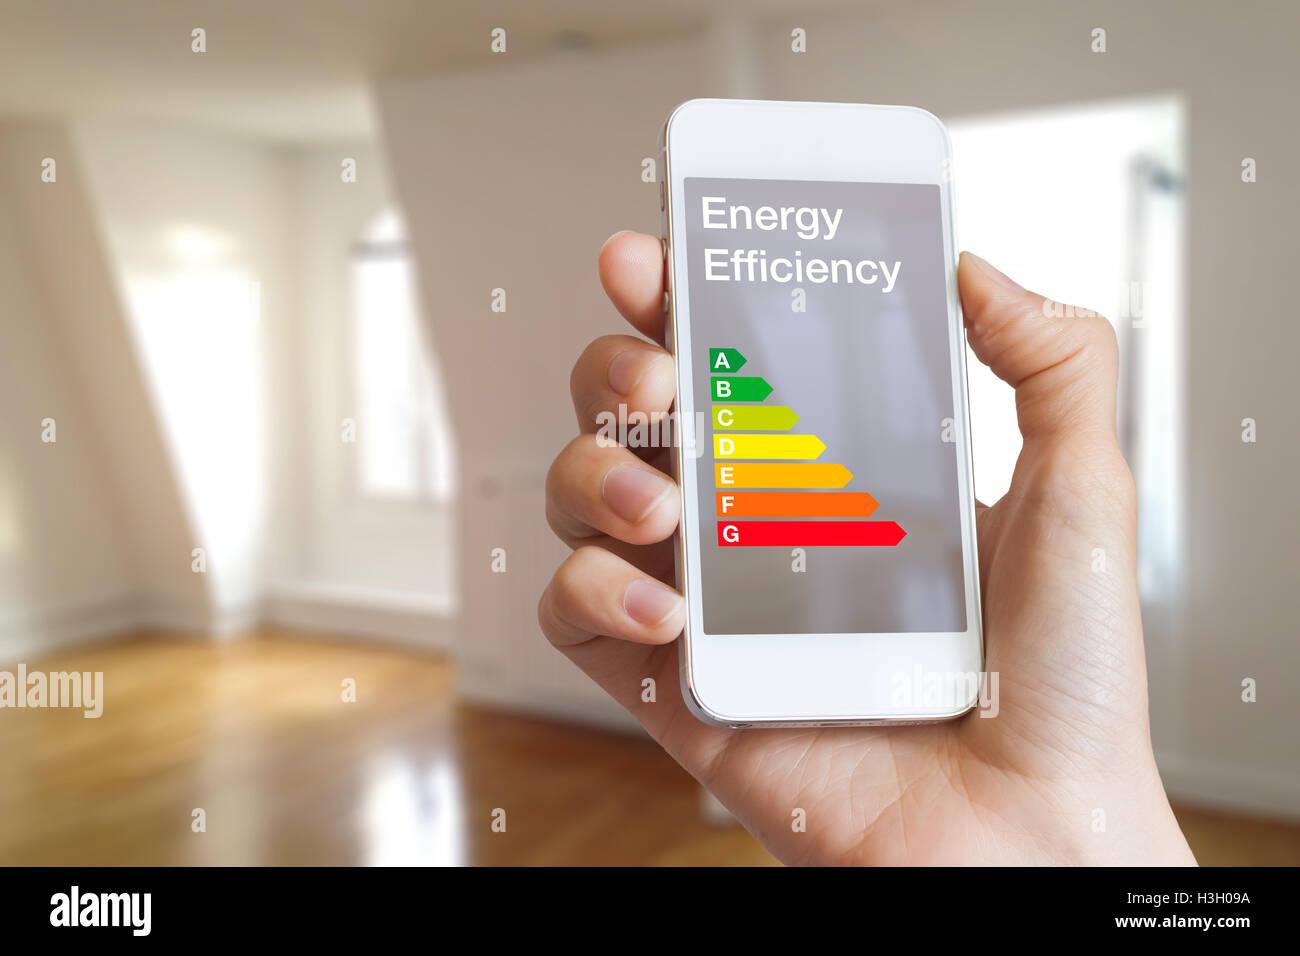 Cote d'efficacité énergétique sur l'application pour smartphone par femme agent immobilier Photo Stock